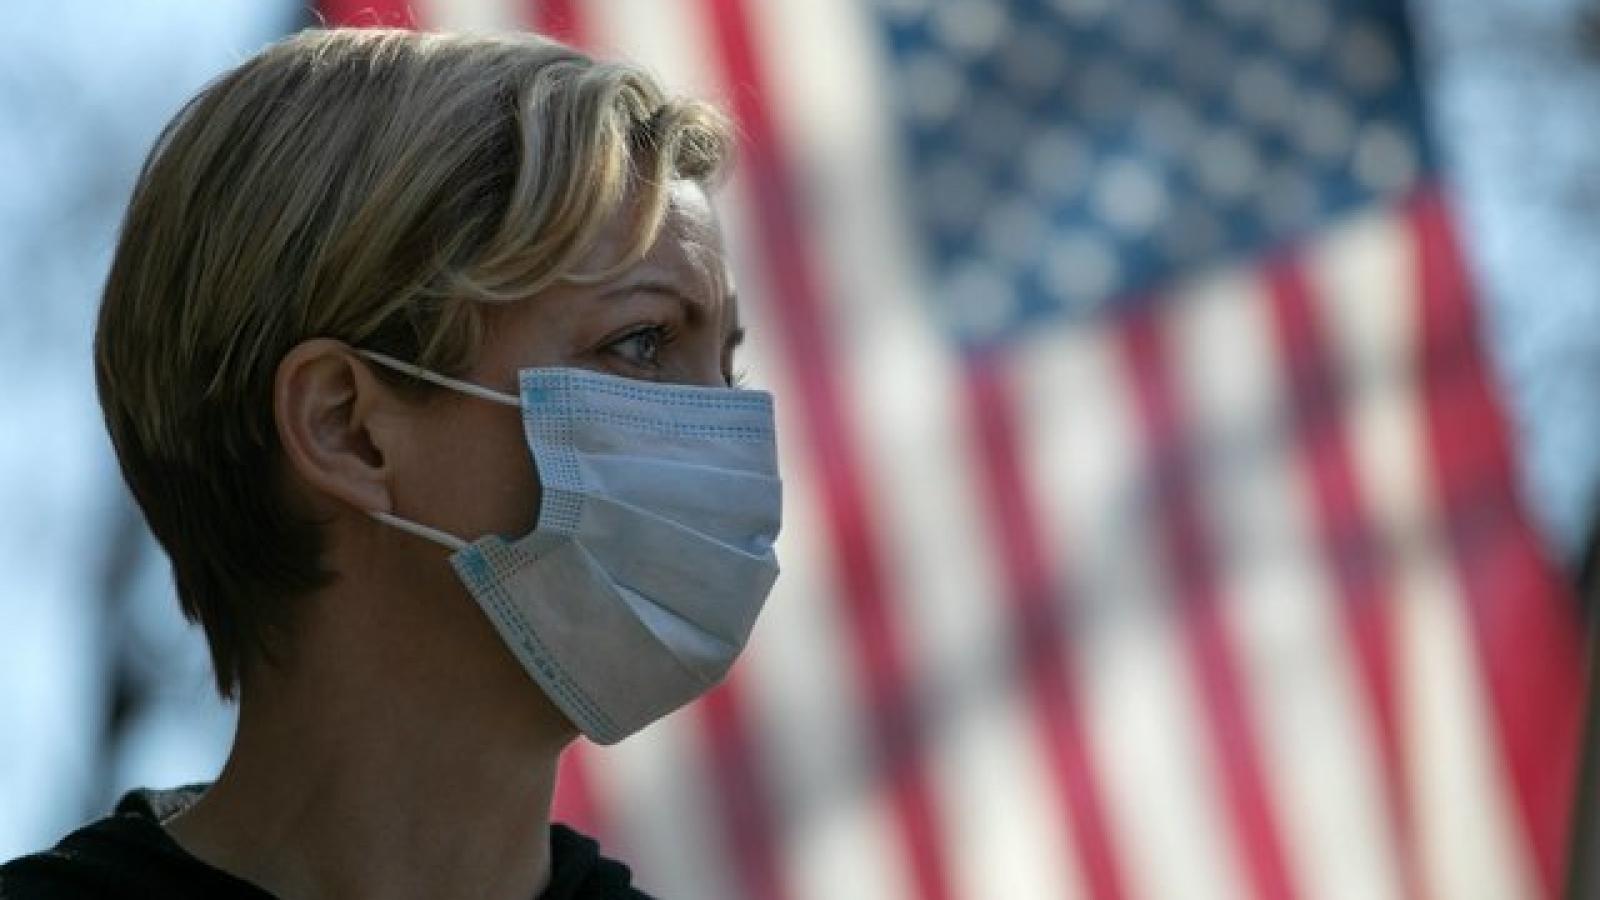 Số người chết do Covid-19 ở Mỹ vượt quá 250.000